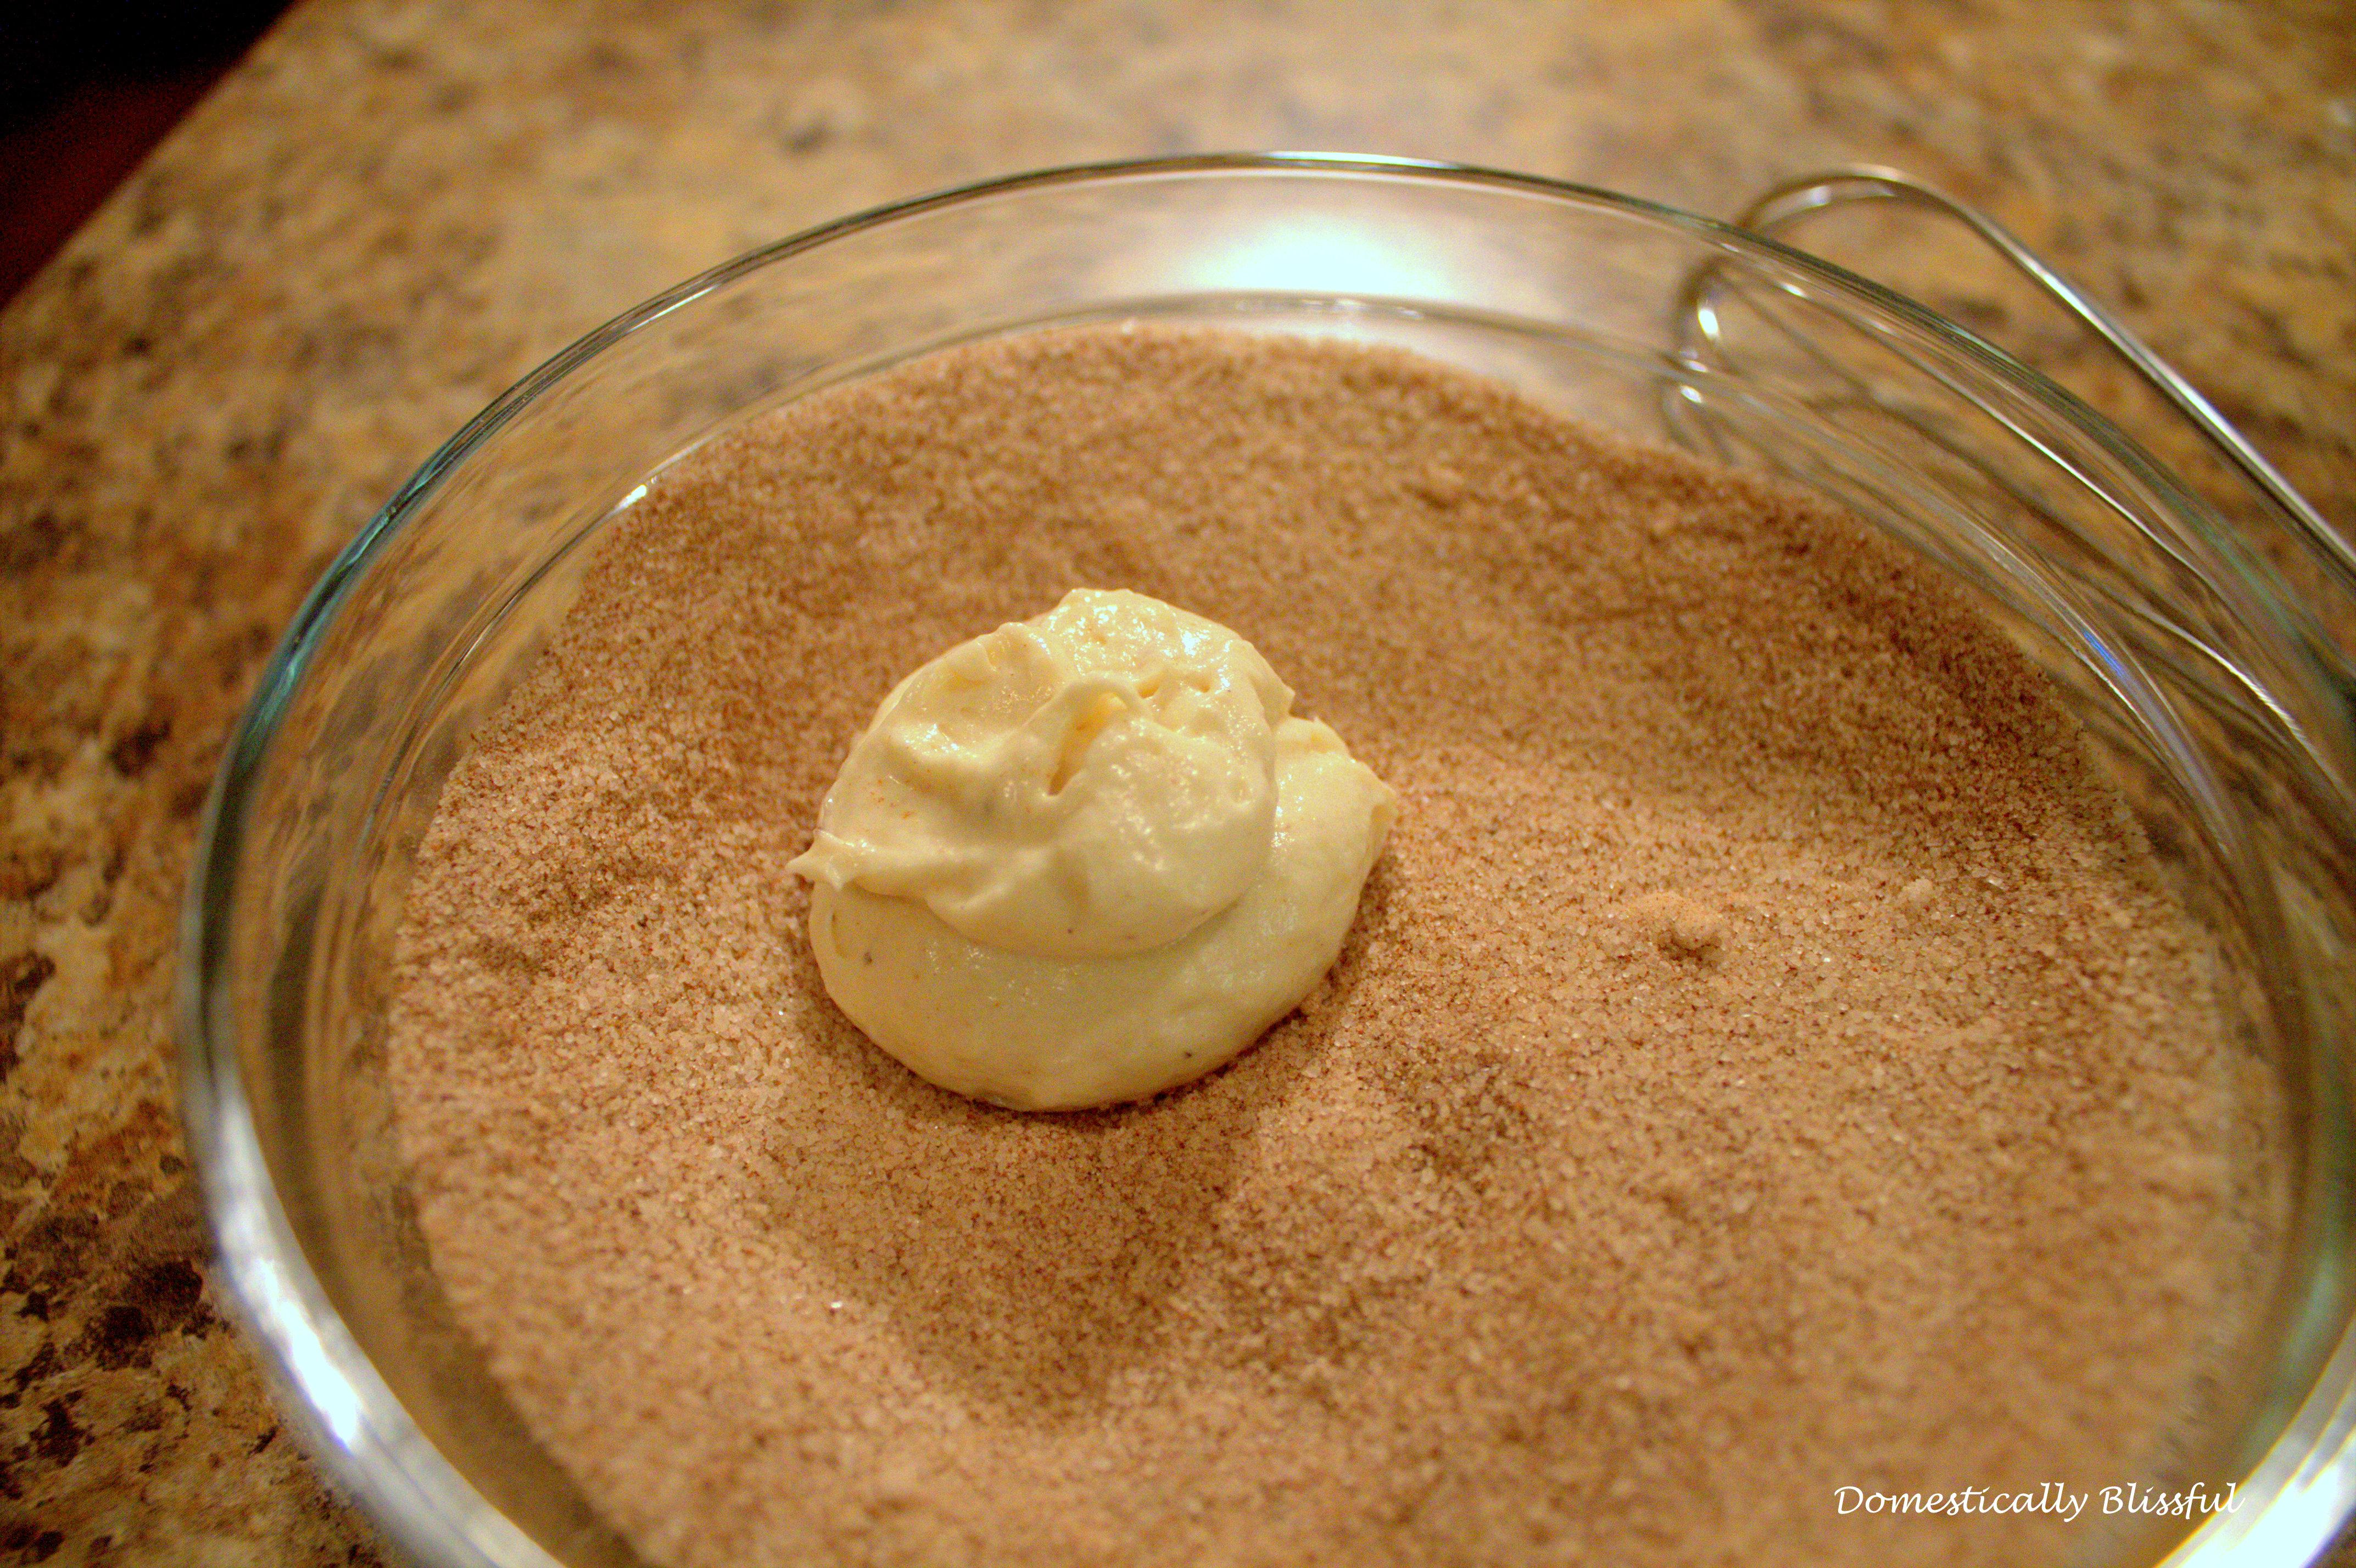 Roll the precooked muffins in cinnamon sugar